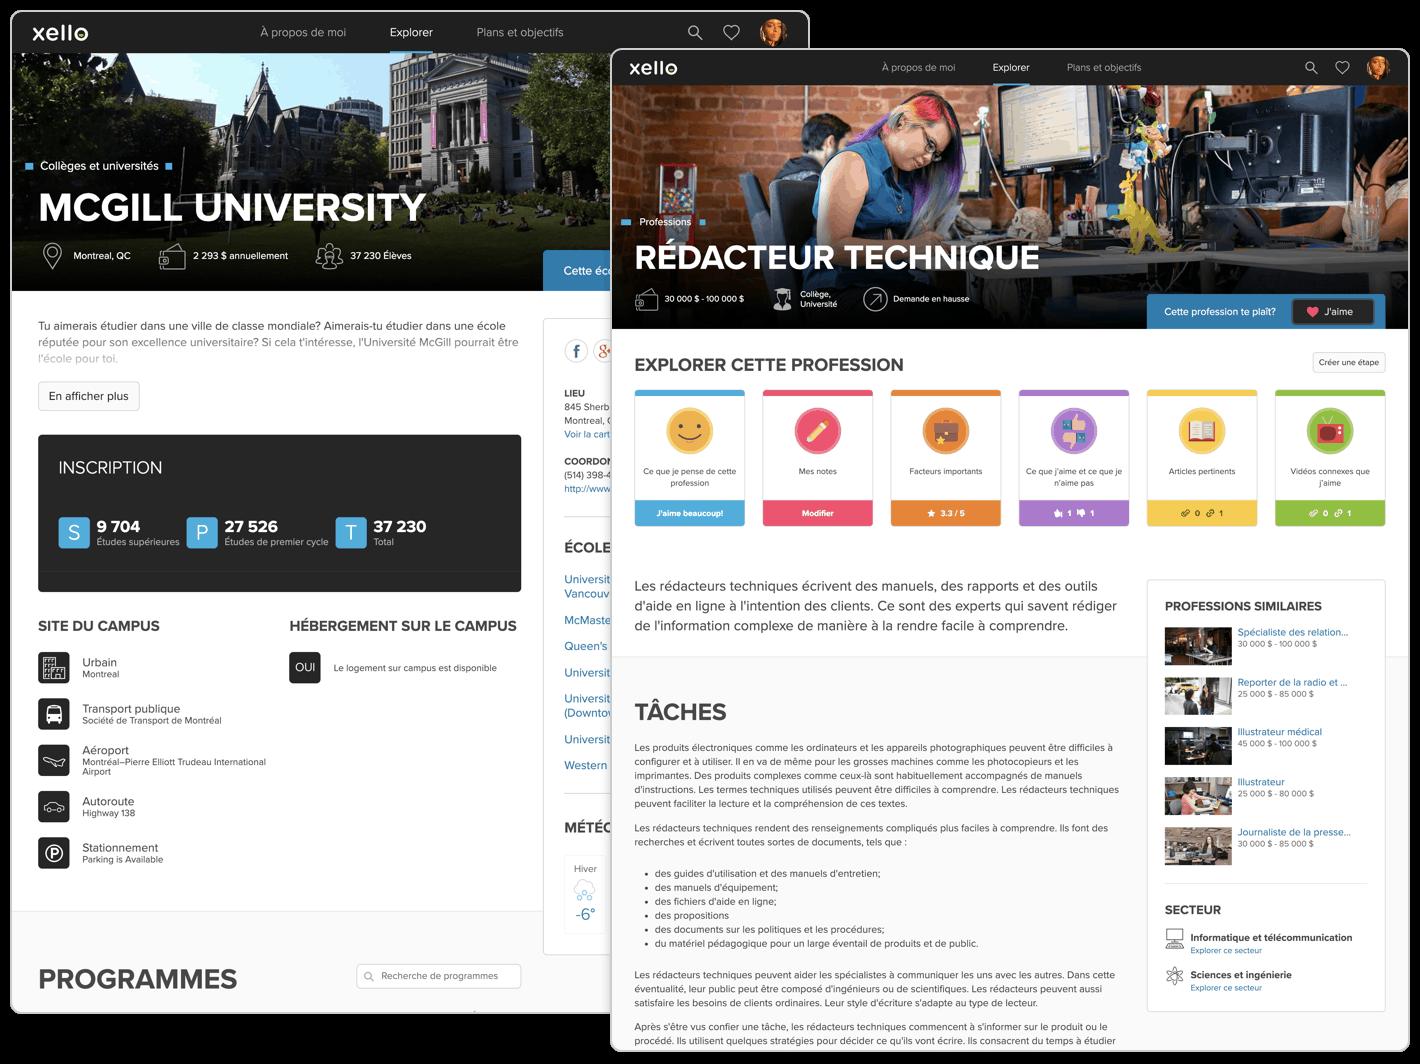 Des écrans de profils de collège et de carrière riches et dynamiques